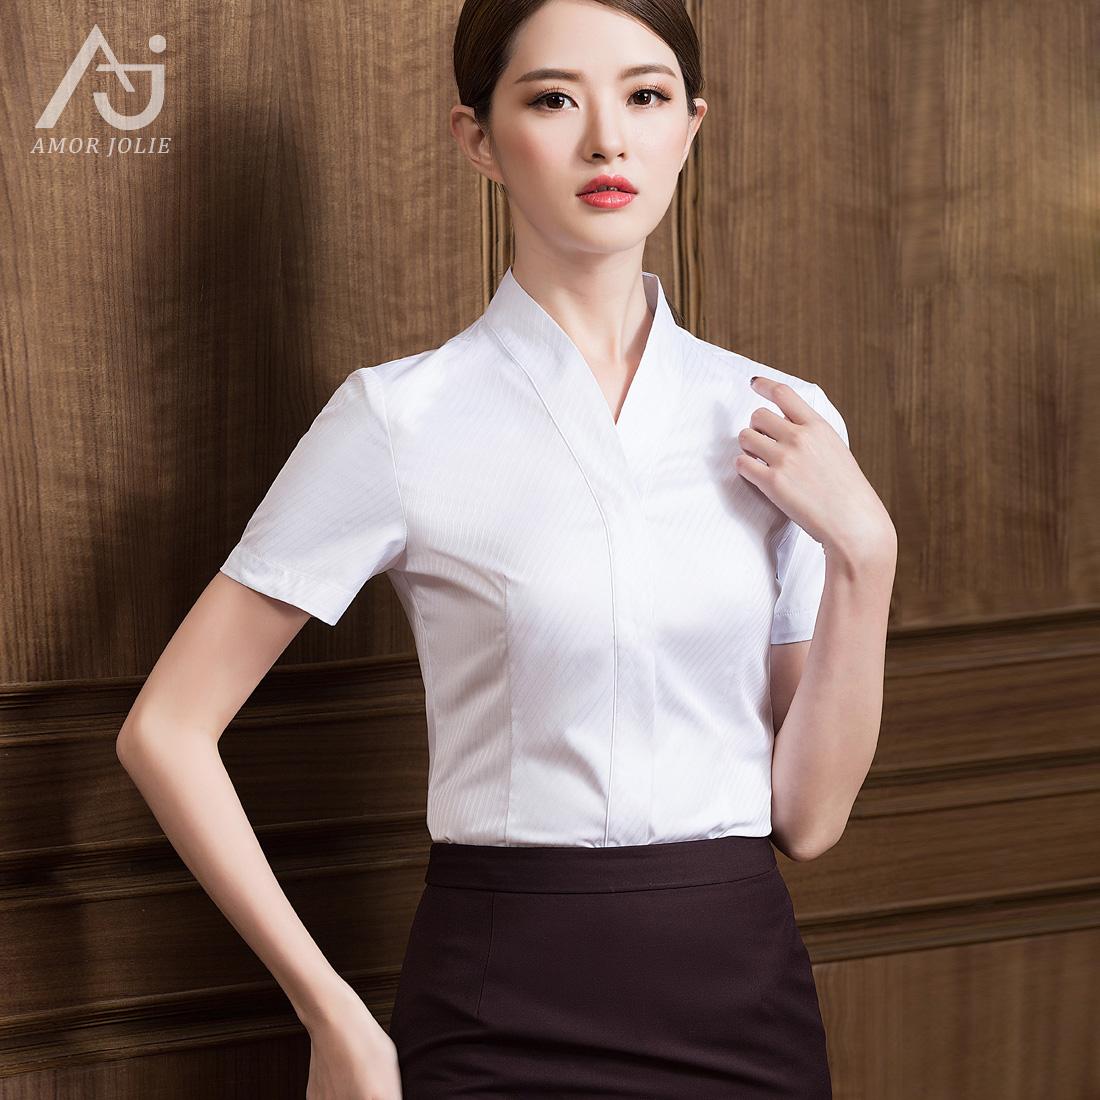 空乘面试职业装女白衬衫南航制服套装V领衬衣空姐航空服装裙子秋